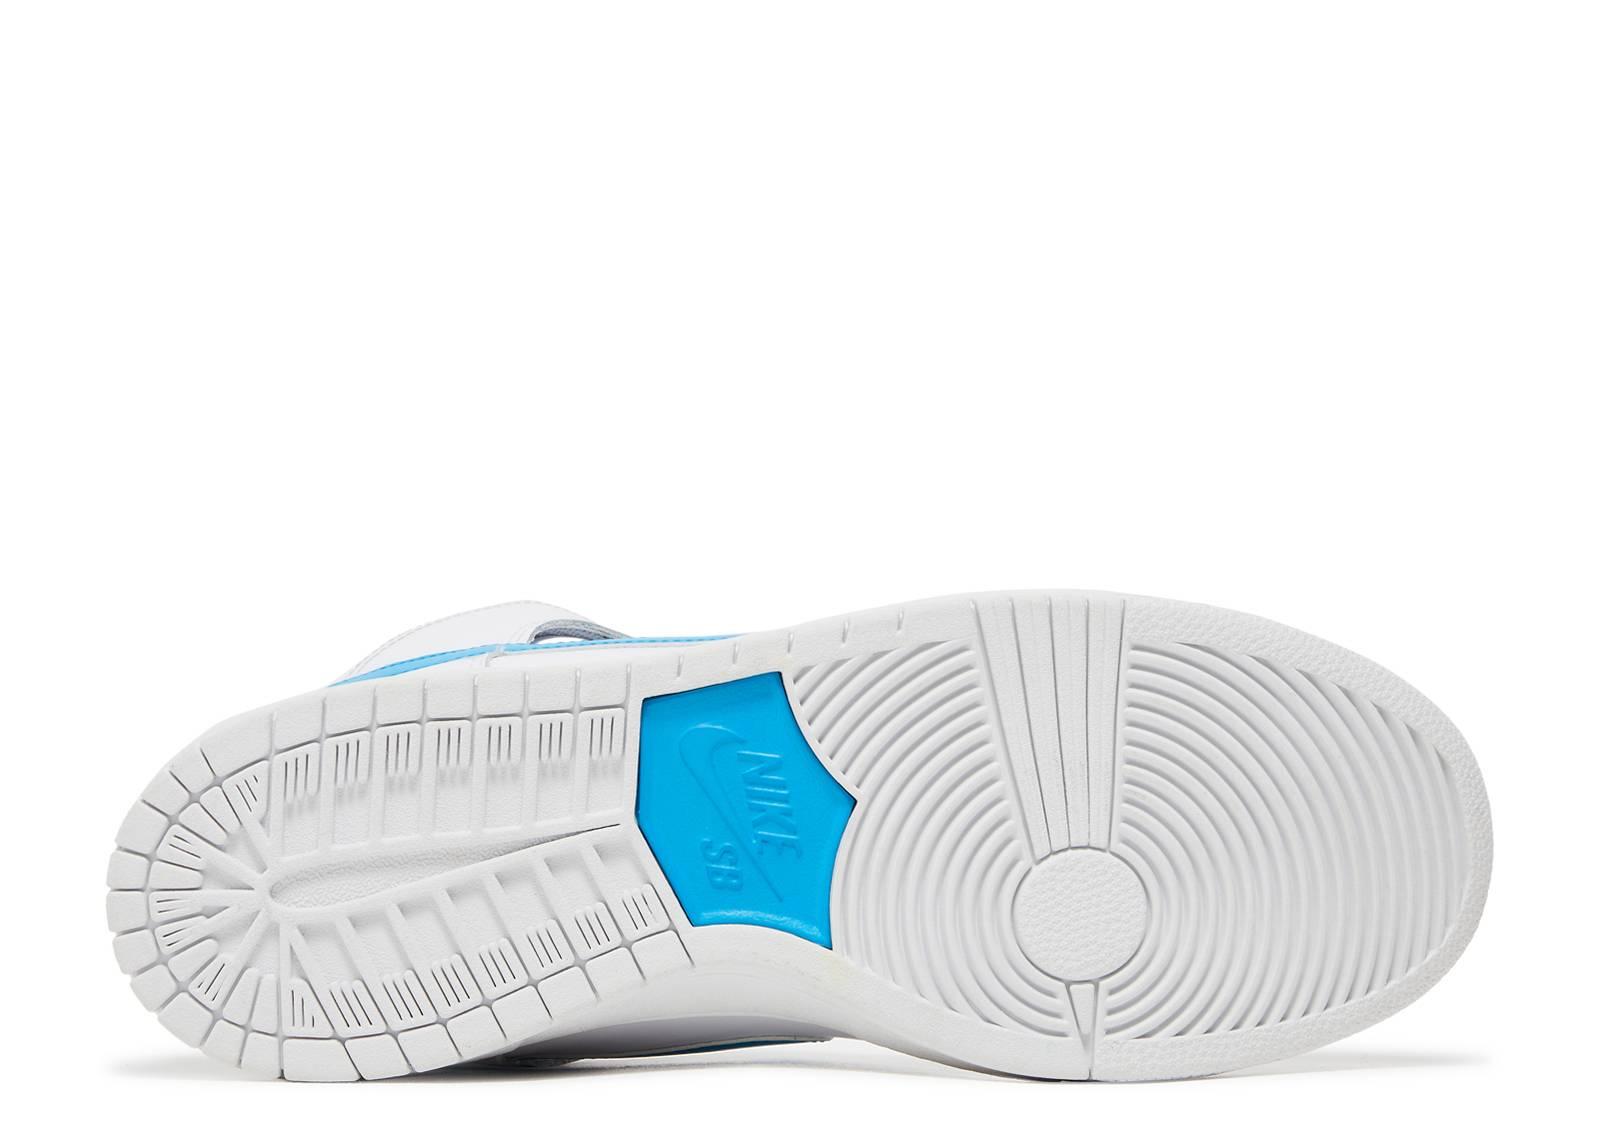 e72e3cb663 Nike Sb Dunk High Trd Qs